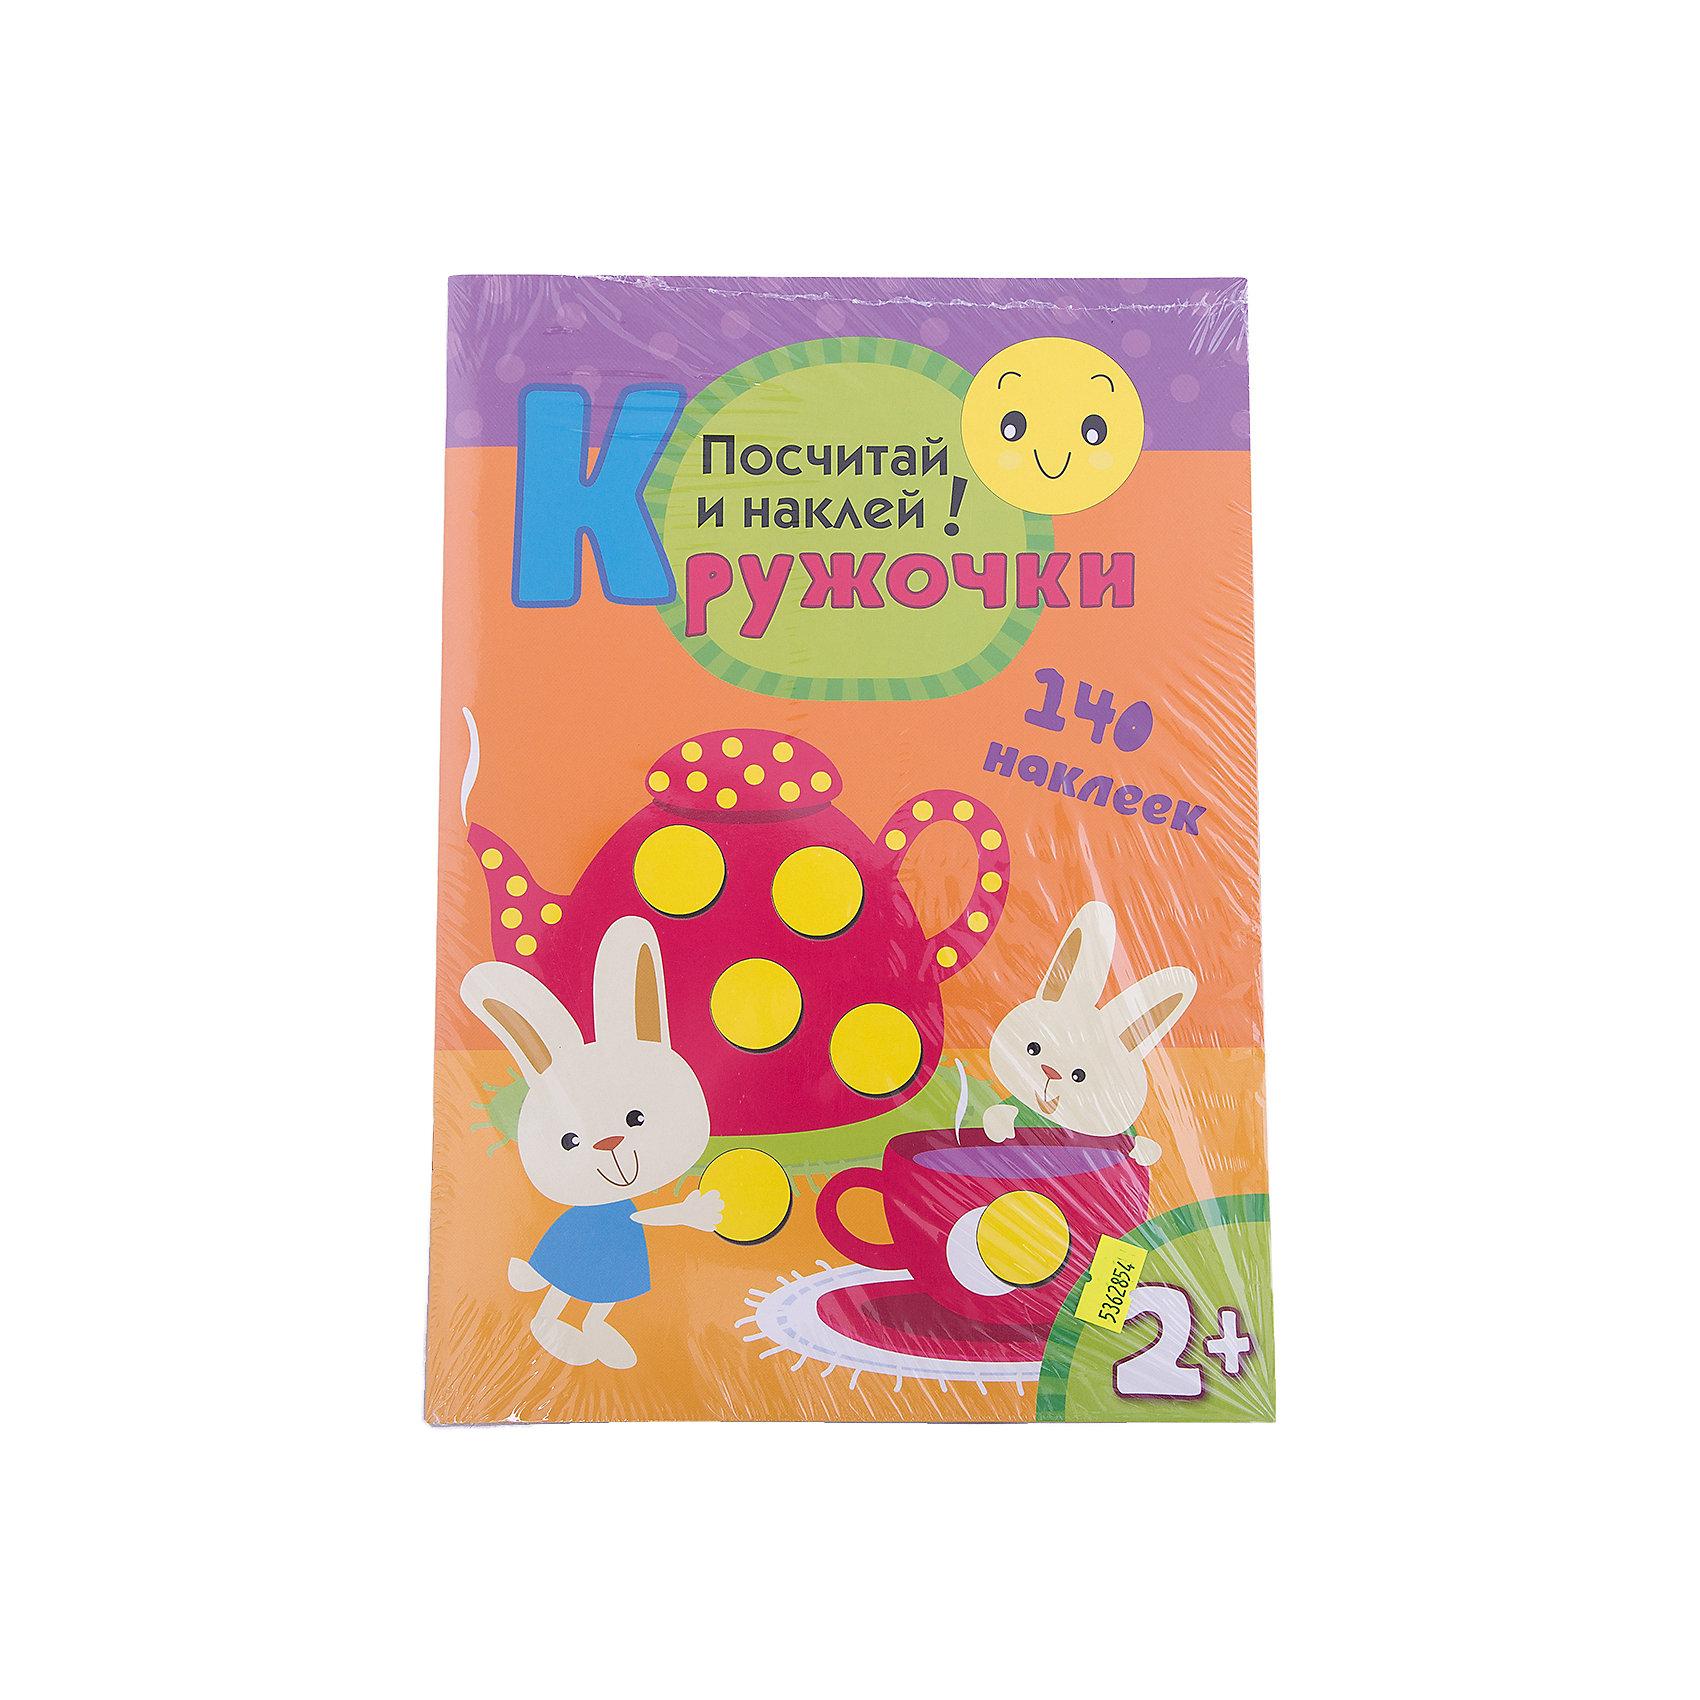 Кружочки Посчитай и наклейТесты и задания<br>Характеристики кружочков Посчитай и наклей:<br><br>• возраст: от 2 лет<br>• пол: для мальчиков и девочек<br>• ISBN: 9785431503689<br>• материал: бумага мелованная<br>• количество страниц: 16<br>• размер книжки: 21х 29.5х0,1 см.<br>• масса: 92 гр.<br>• тип обложки: мягкая.<br>• иллюстрации: цветные.<br>• автор: Вилюнова Валерия<br>• бренд: Мозаика-Синтез<br>• страна обладатель бренда: Россия.<br><br>В этой веселой книжке ребенку предлагаются доступные развивающие задания: посчитать наклейки-кружочки и приклеить их в нужное место. В этой книжке вы найдете: наклейки для развития мелкой моторики, яркие иллюстрации и простые веселые стихи, интересные задания.<br><br>Кружочки Посчитай и наклей от издательства Мозаика-Синтез можно купить в нашем интернет-магазине.<br><br>Ширина мм: 2<br>Глубина мм: 210<br>Высота мм: 297<br>Вес г: 95<br>Возраст от месяцев: 24<br>Возраст до месяцев: 48<br>Пол: Унисекс<br>Возраст: Детский<br>SKU: 5362854